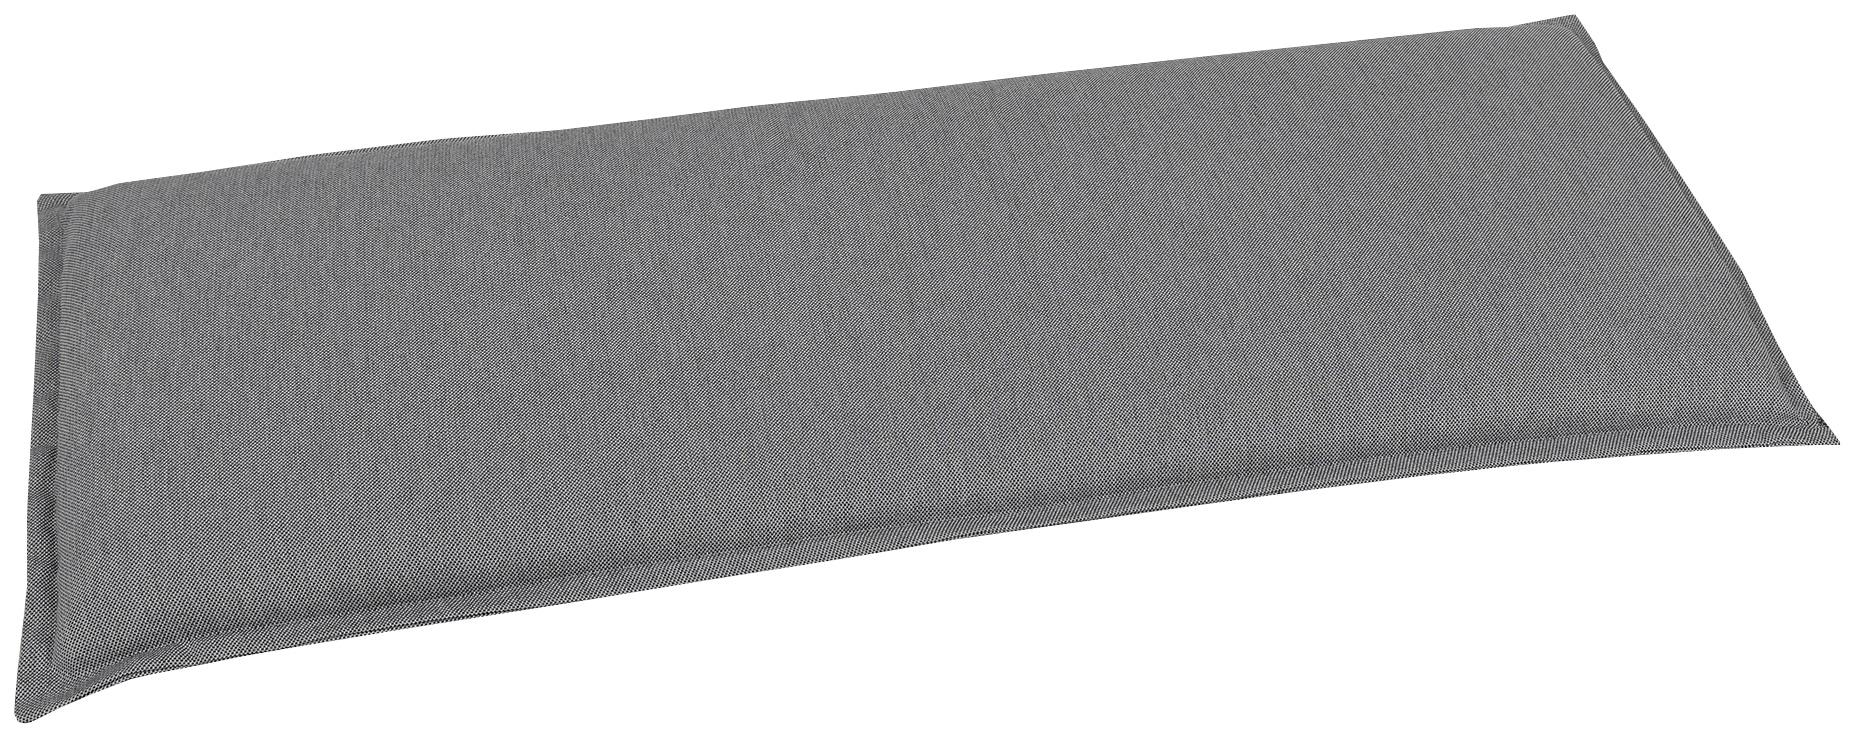 GO-DE Bankauflage, 2 Sitzer grau Bankauflagen Gartenmöbel-Auflagen Gartenmöbel Gartendeko Bankauflage